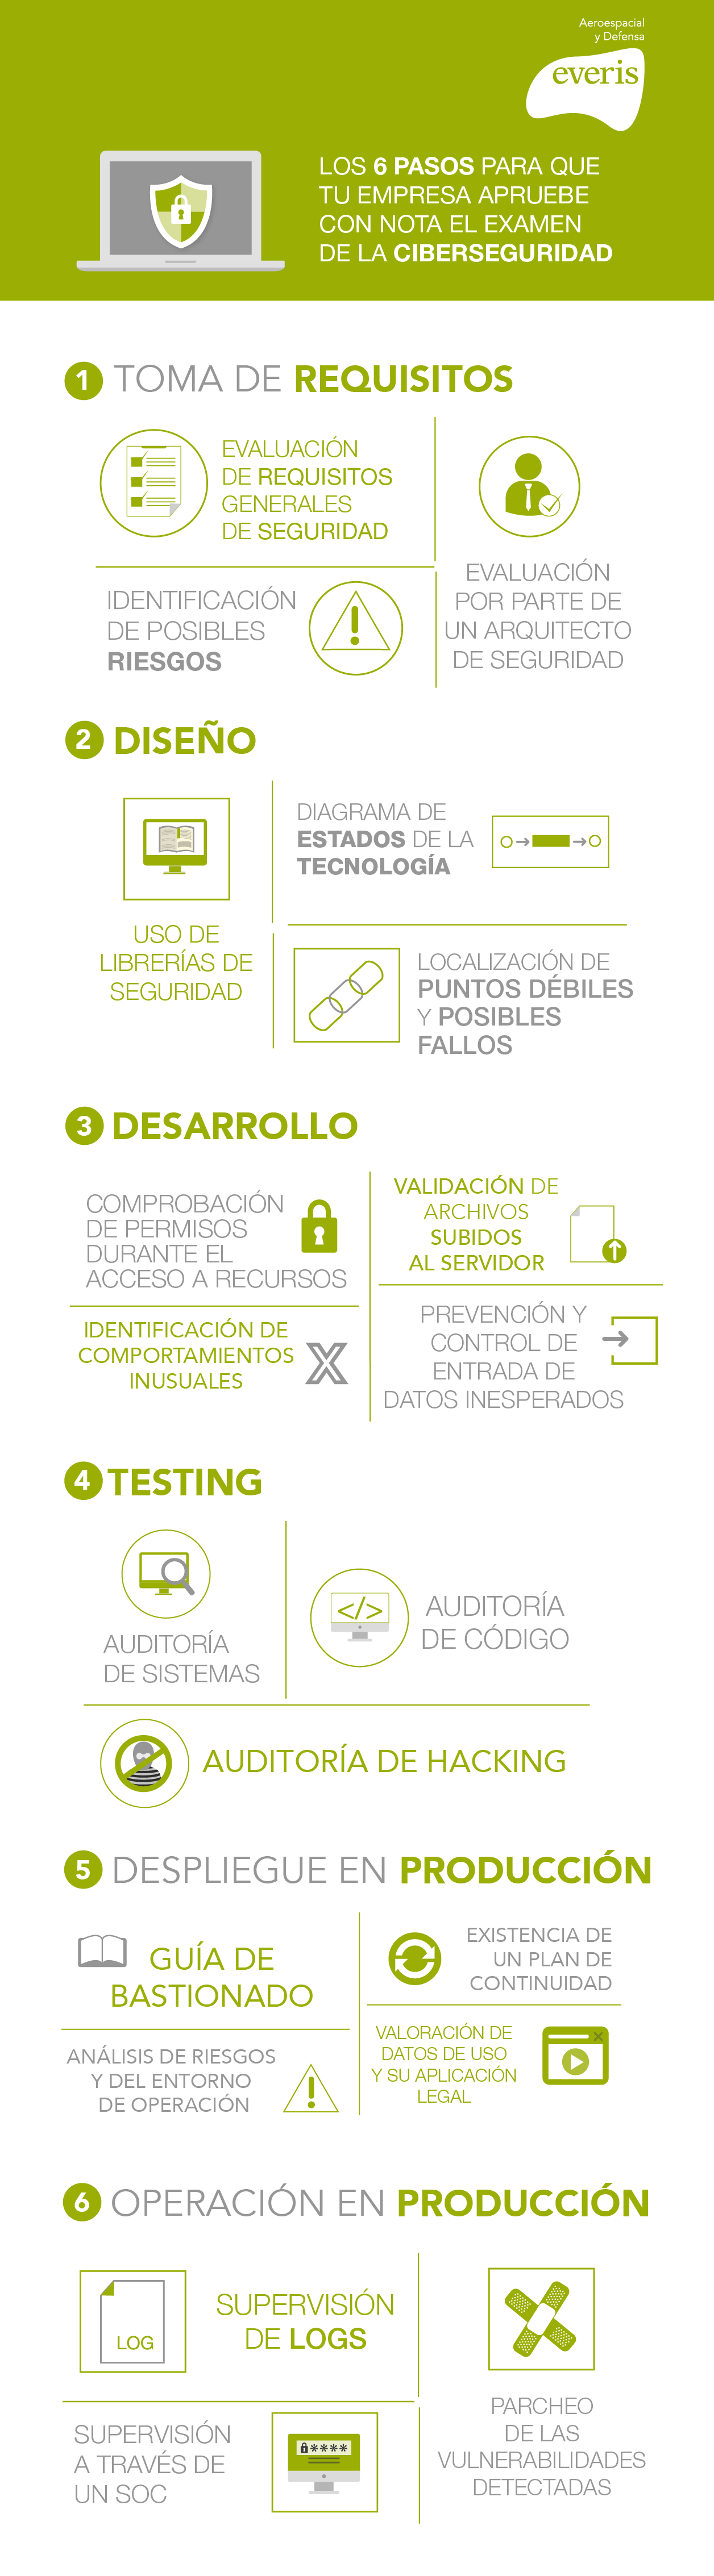 6 pasos para aprobar en Ciberseguridad #infografia #infographic